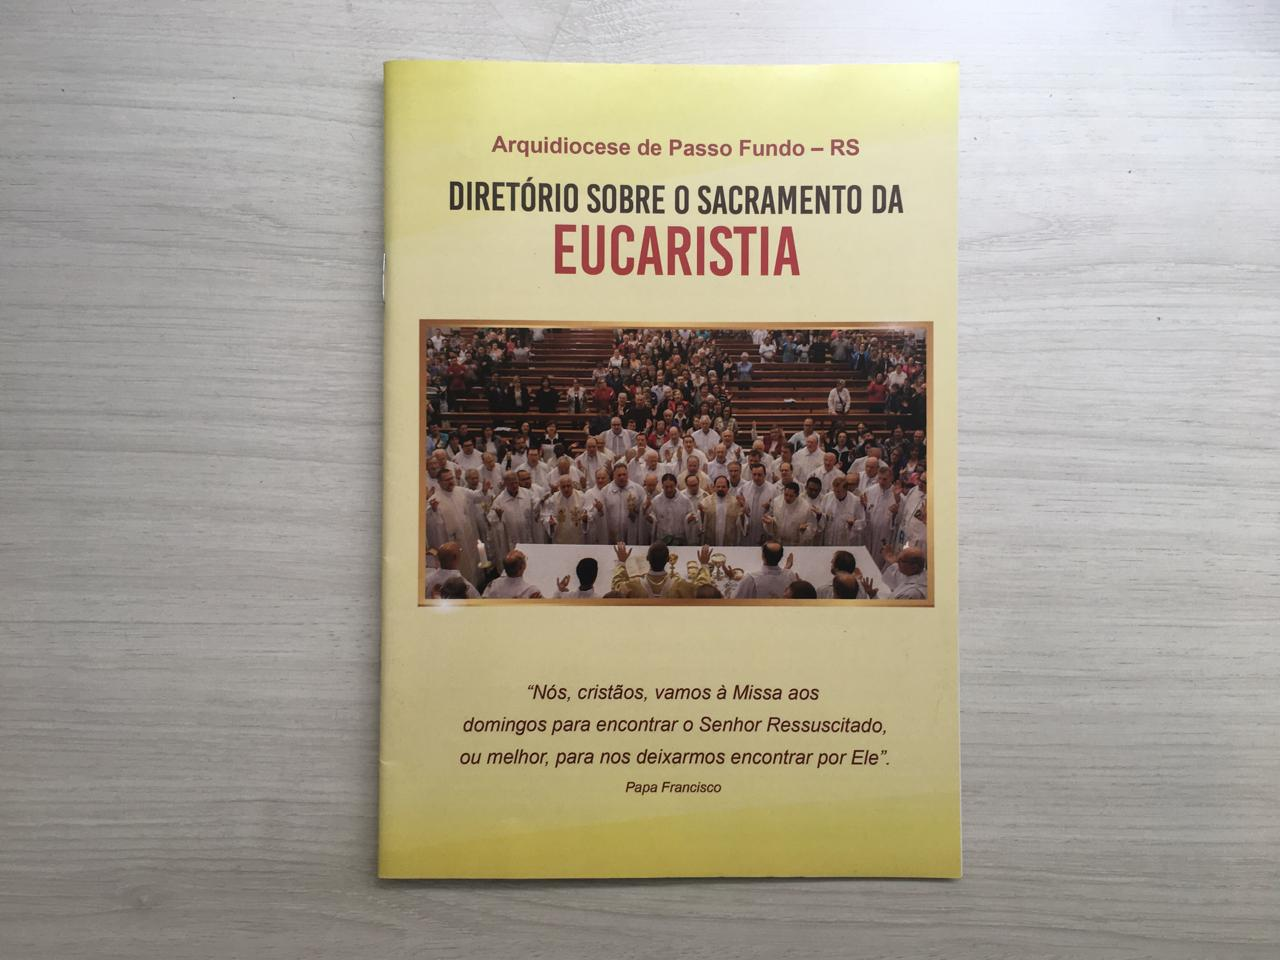 Diretório sobre o Sacramento da Eucaristia